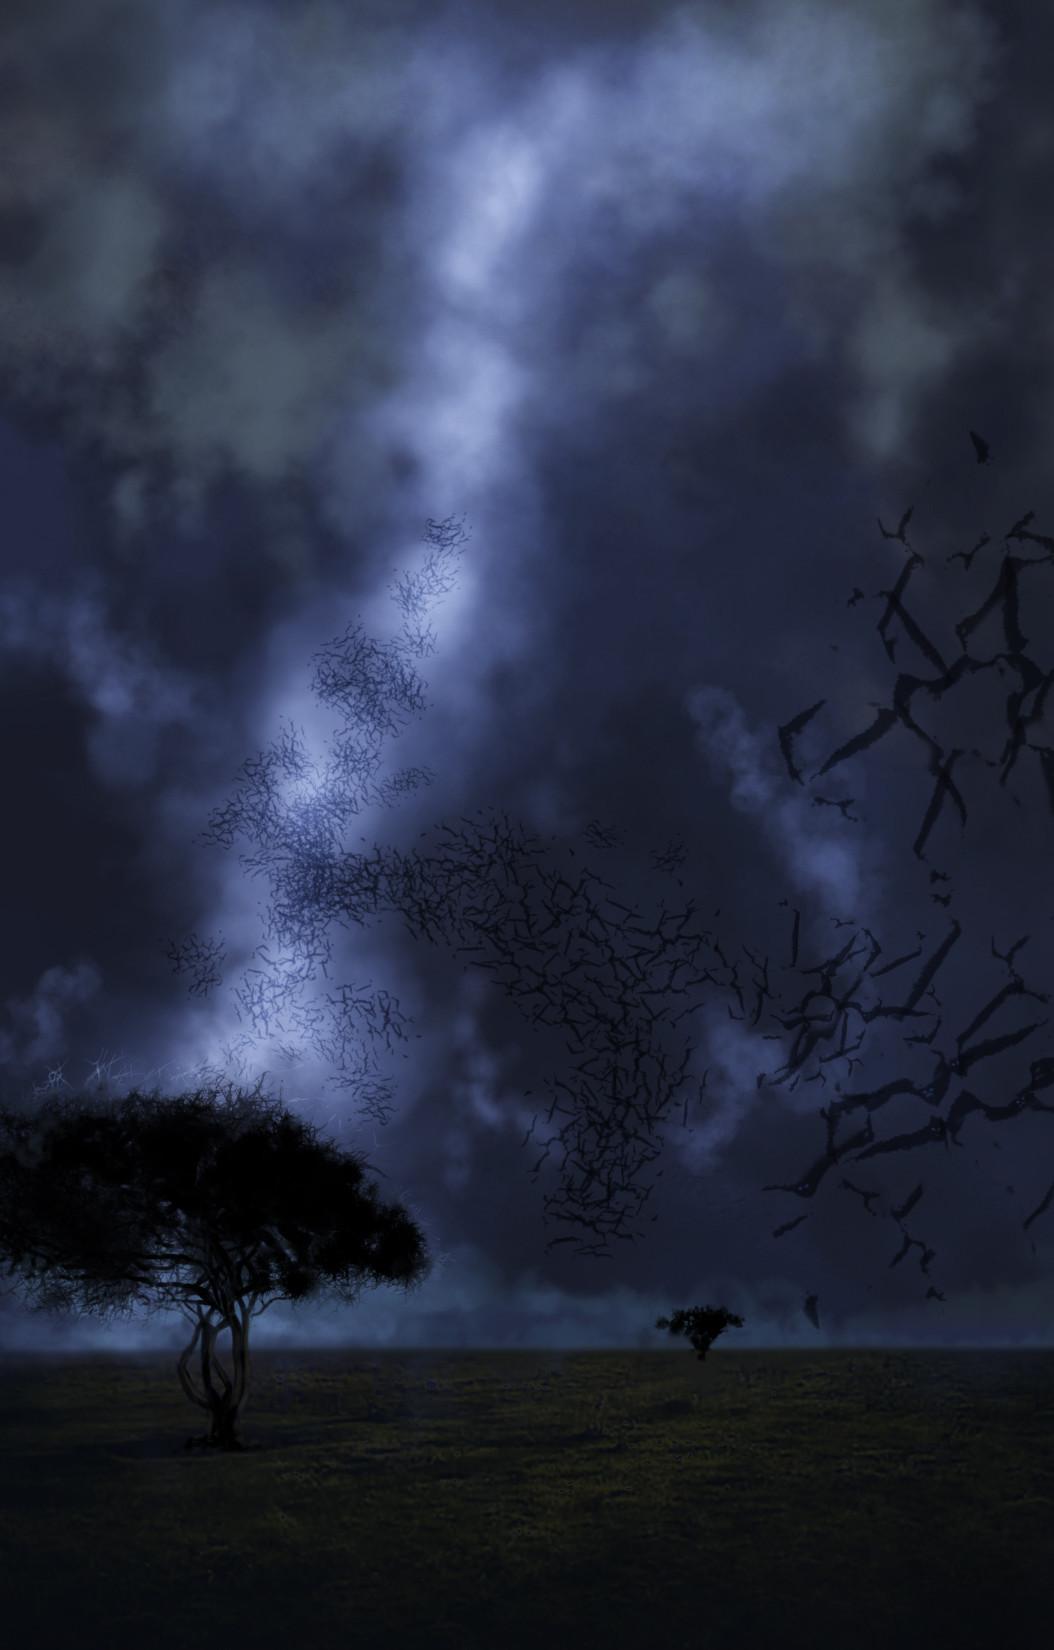 Daniel hidalgo vicente bats cloud